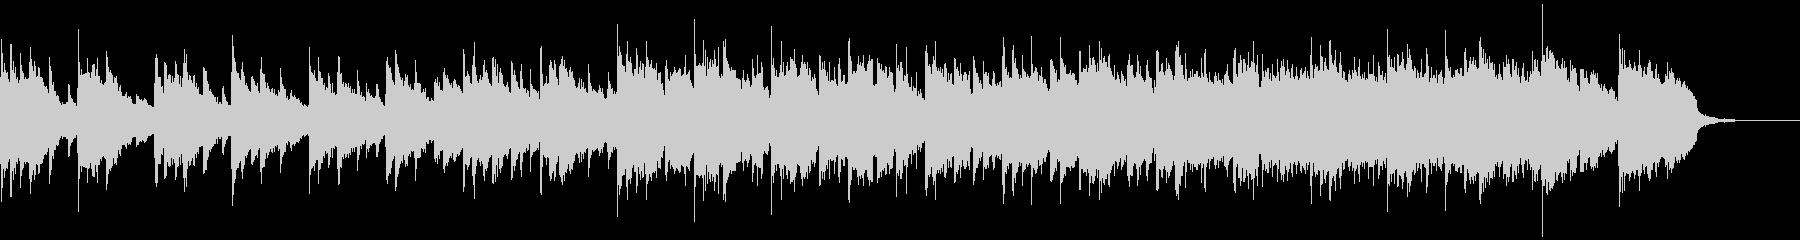 優しい懐かしさのあるBGMの未再生の波形